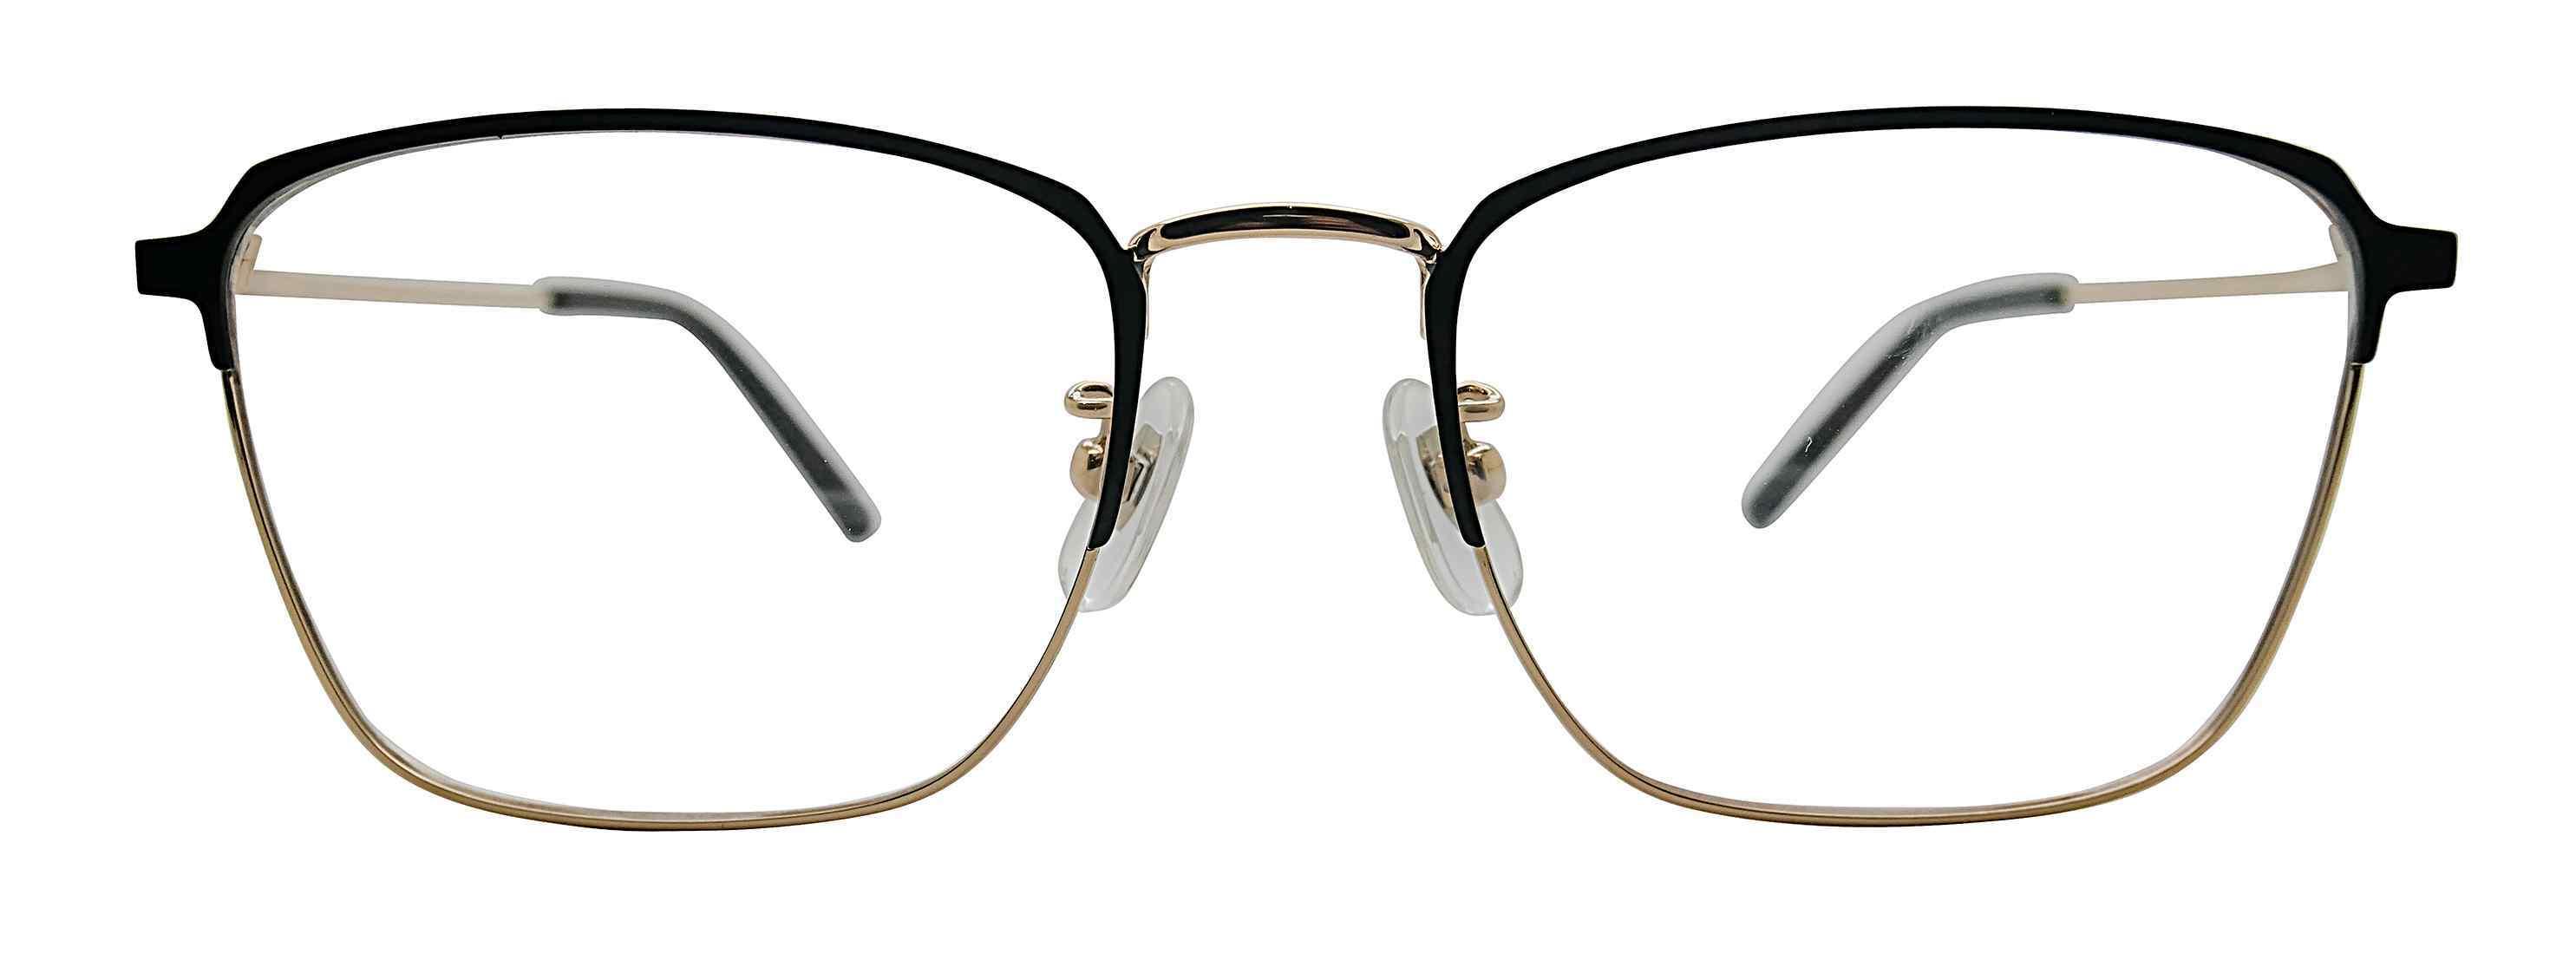 Esprit Spectacles 14311 01